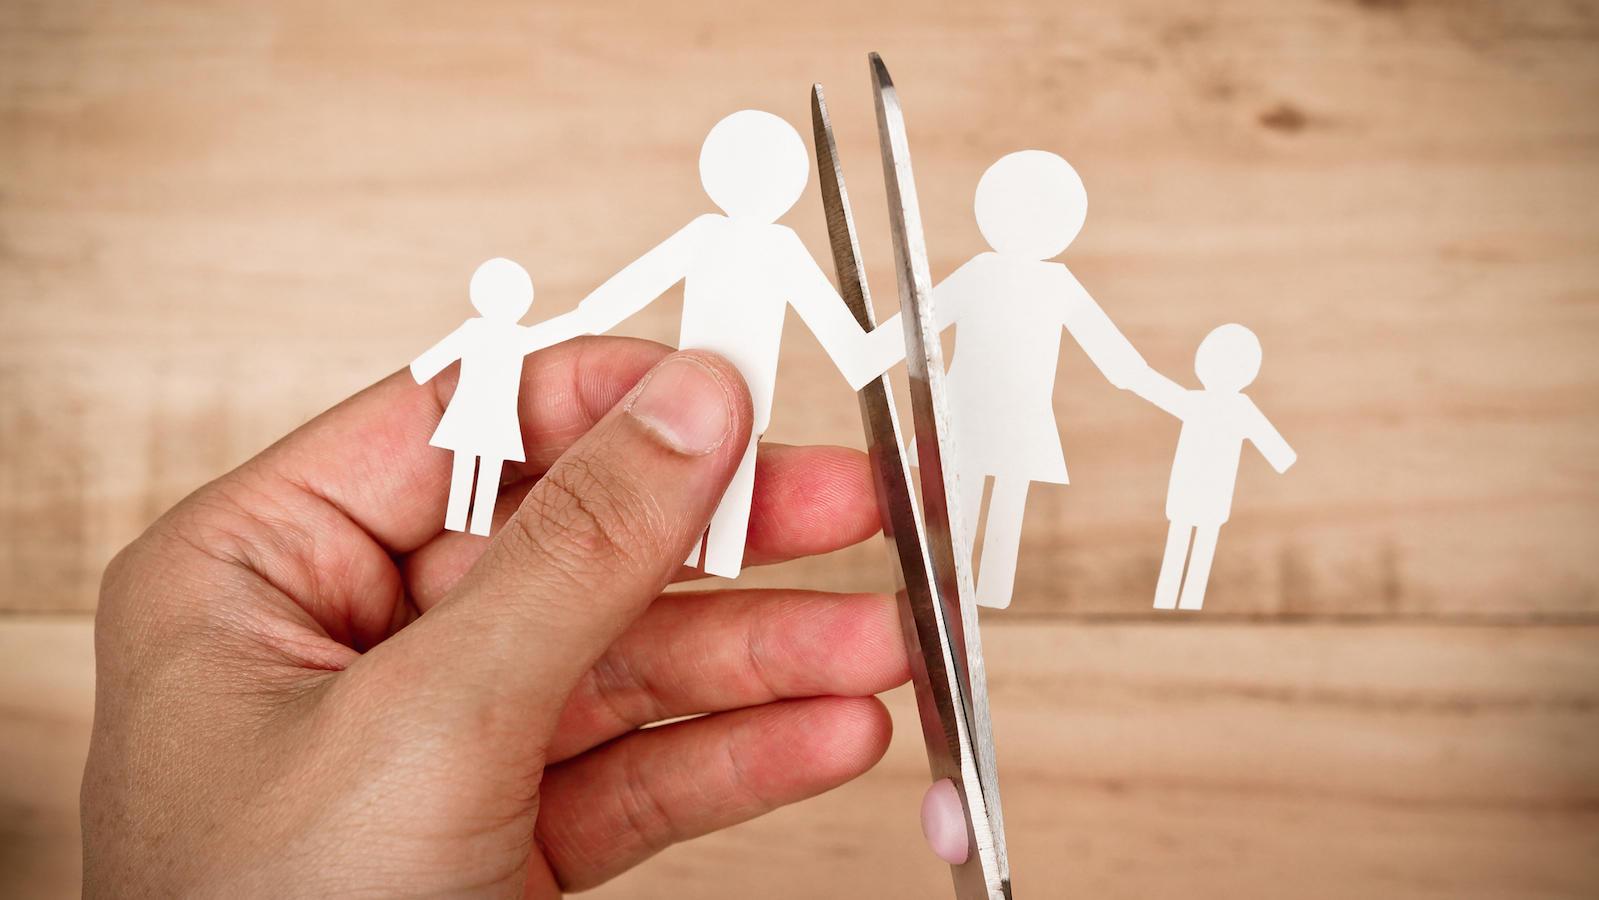 Persyaratan dan Mekanisme Pelayanan Akta Perceraian